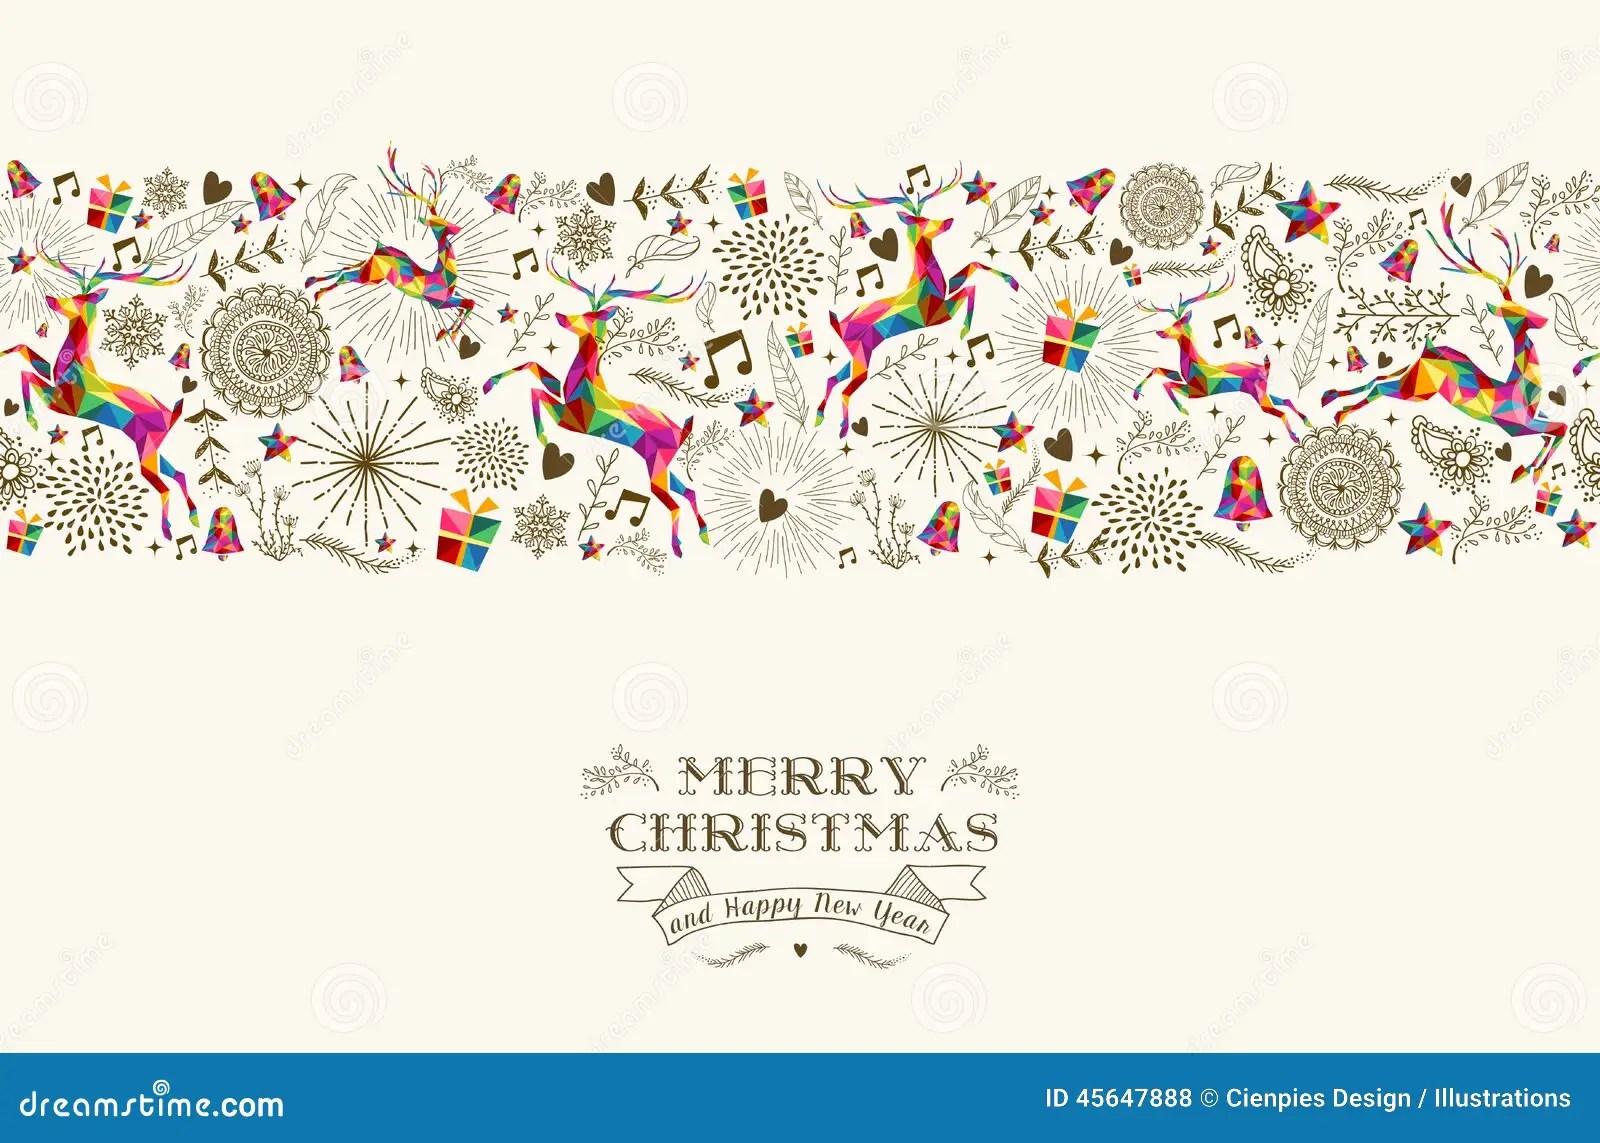 Vintage Christmas Reindeer Seamless Pattern Stock Vector